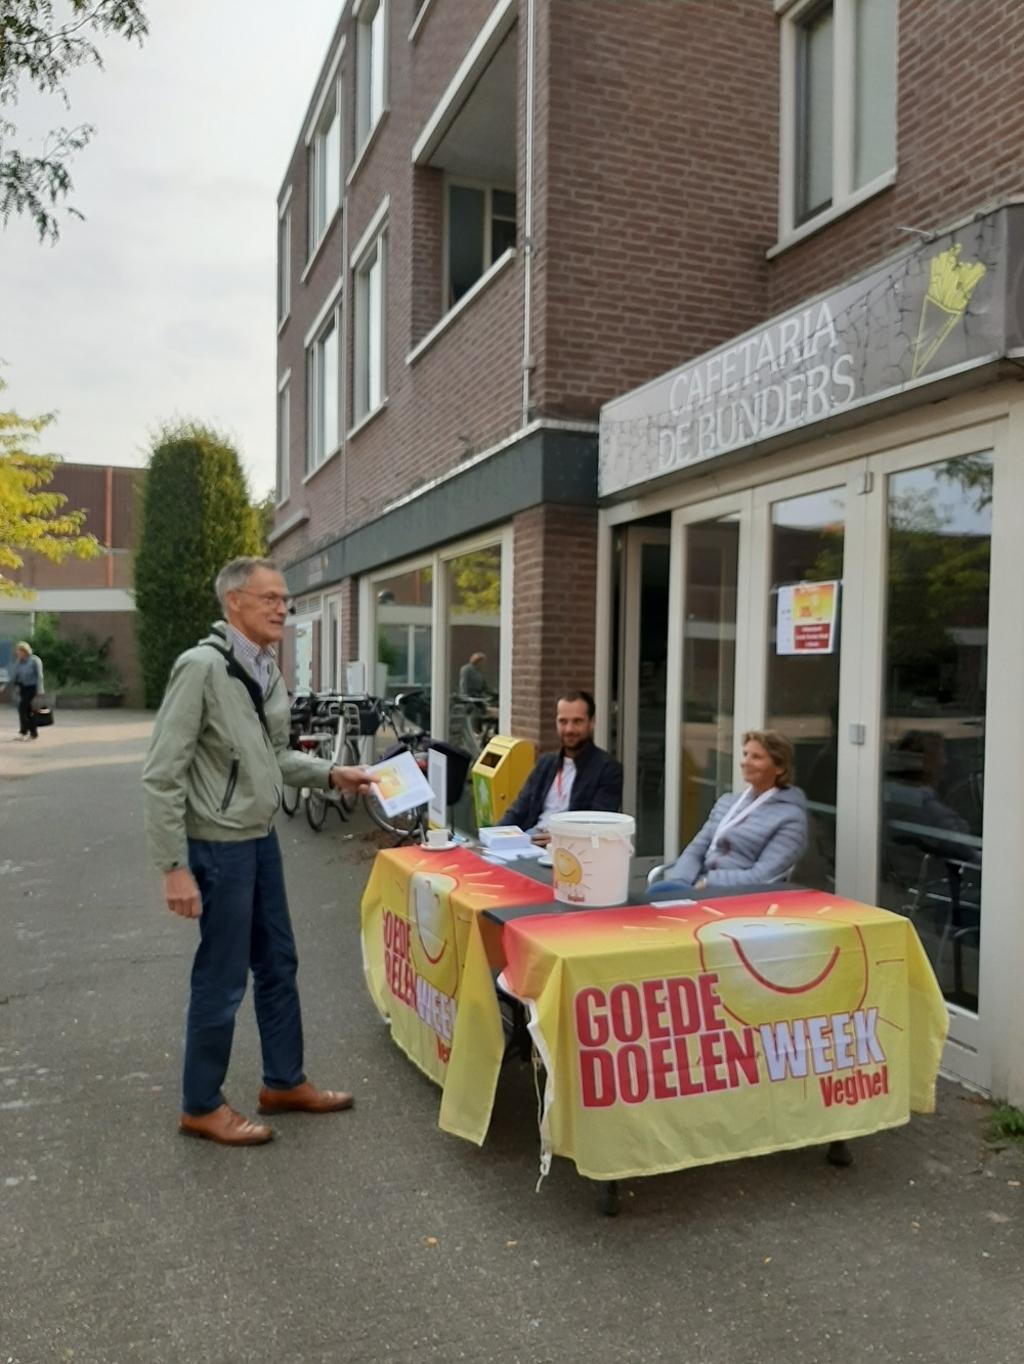 Velen kwamen in de ochtend met hun donatie-envelop naar de vijf locaties waar de collecte-emmers stonden. Foto:  © Kliknieuws Veghel